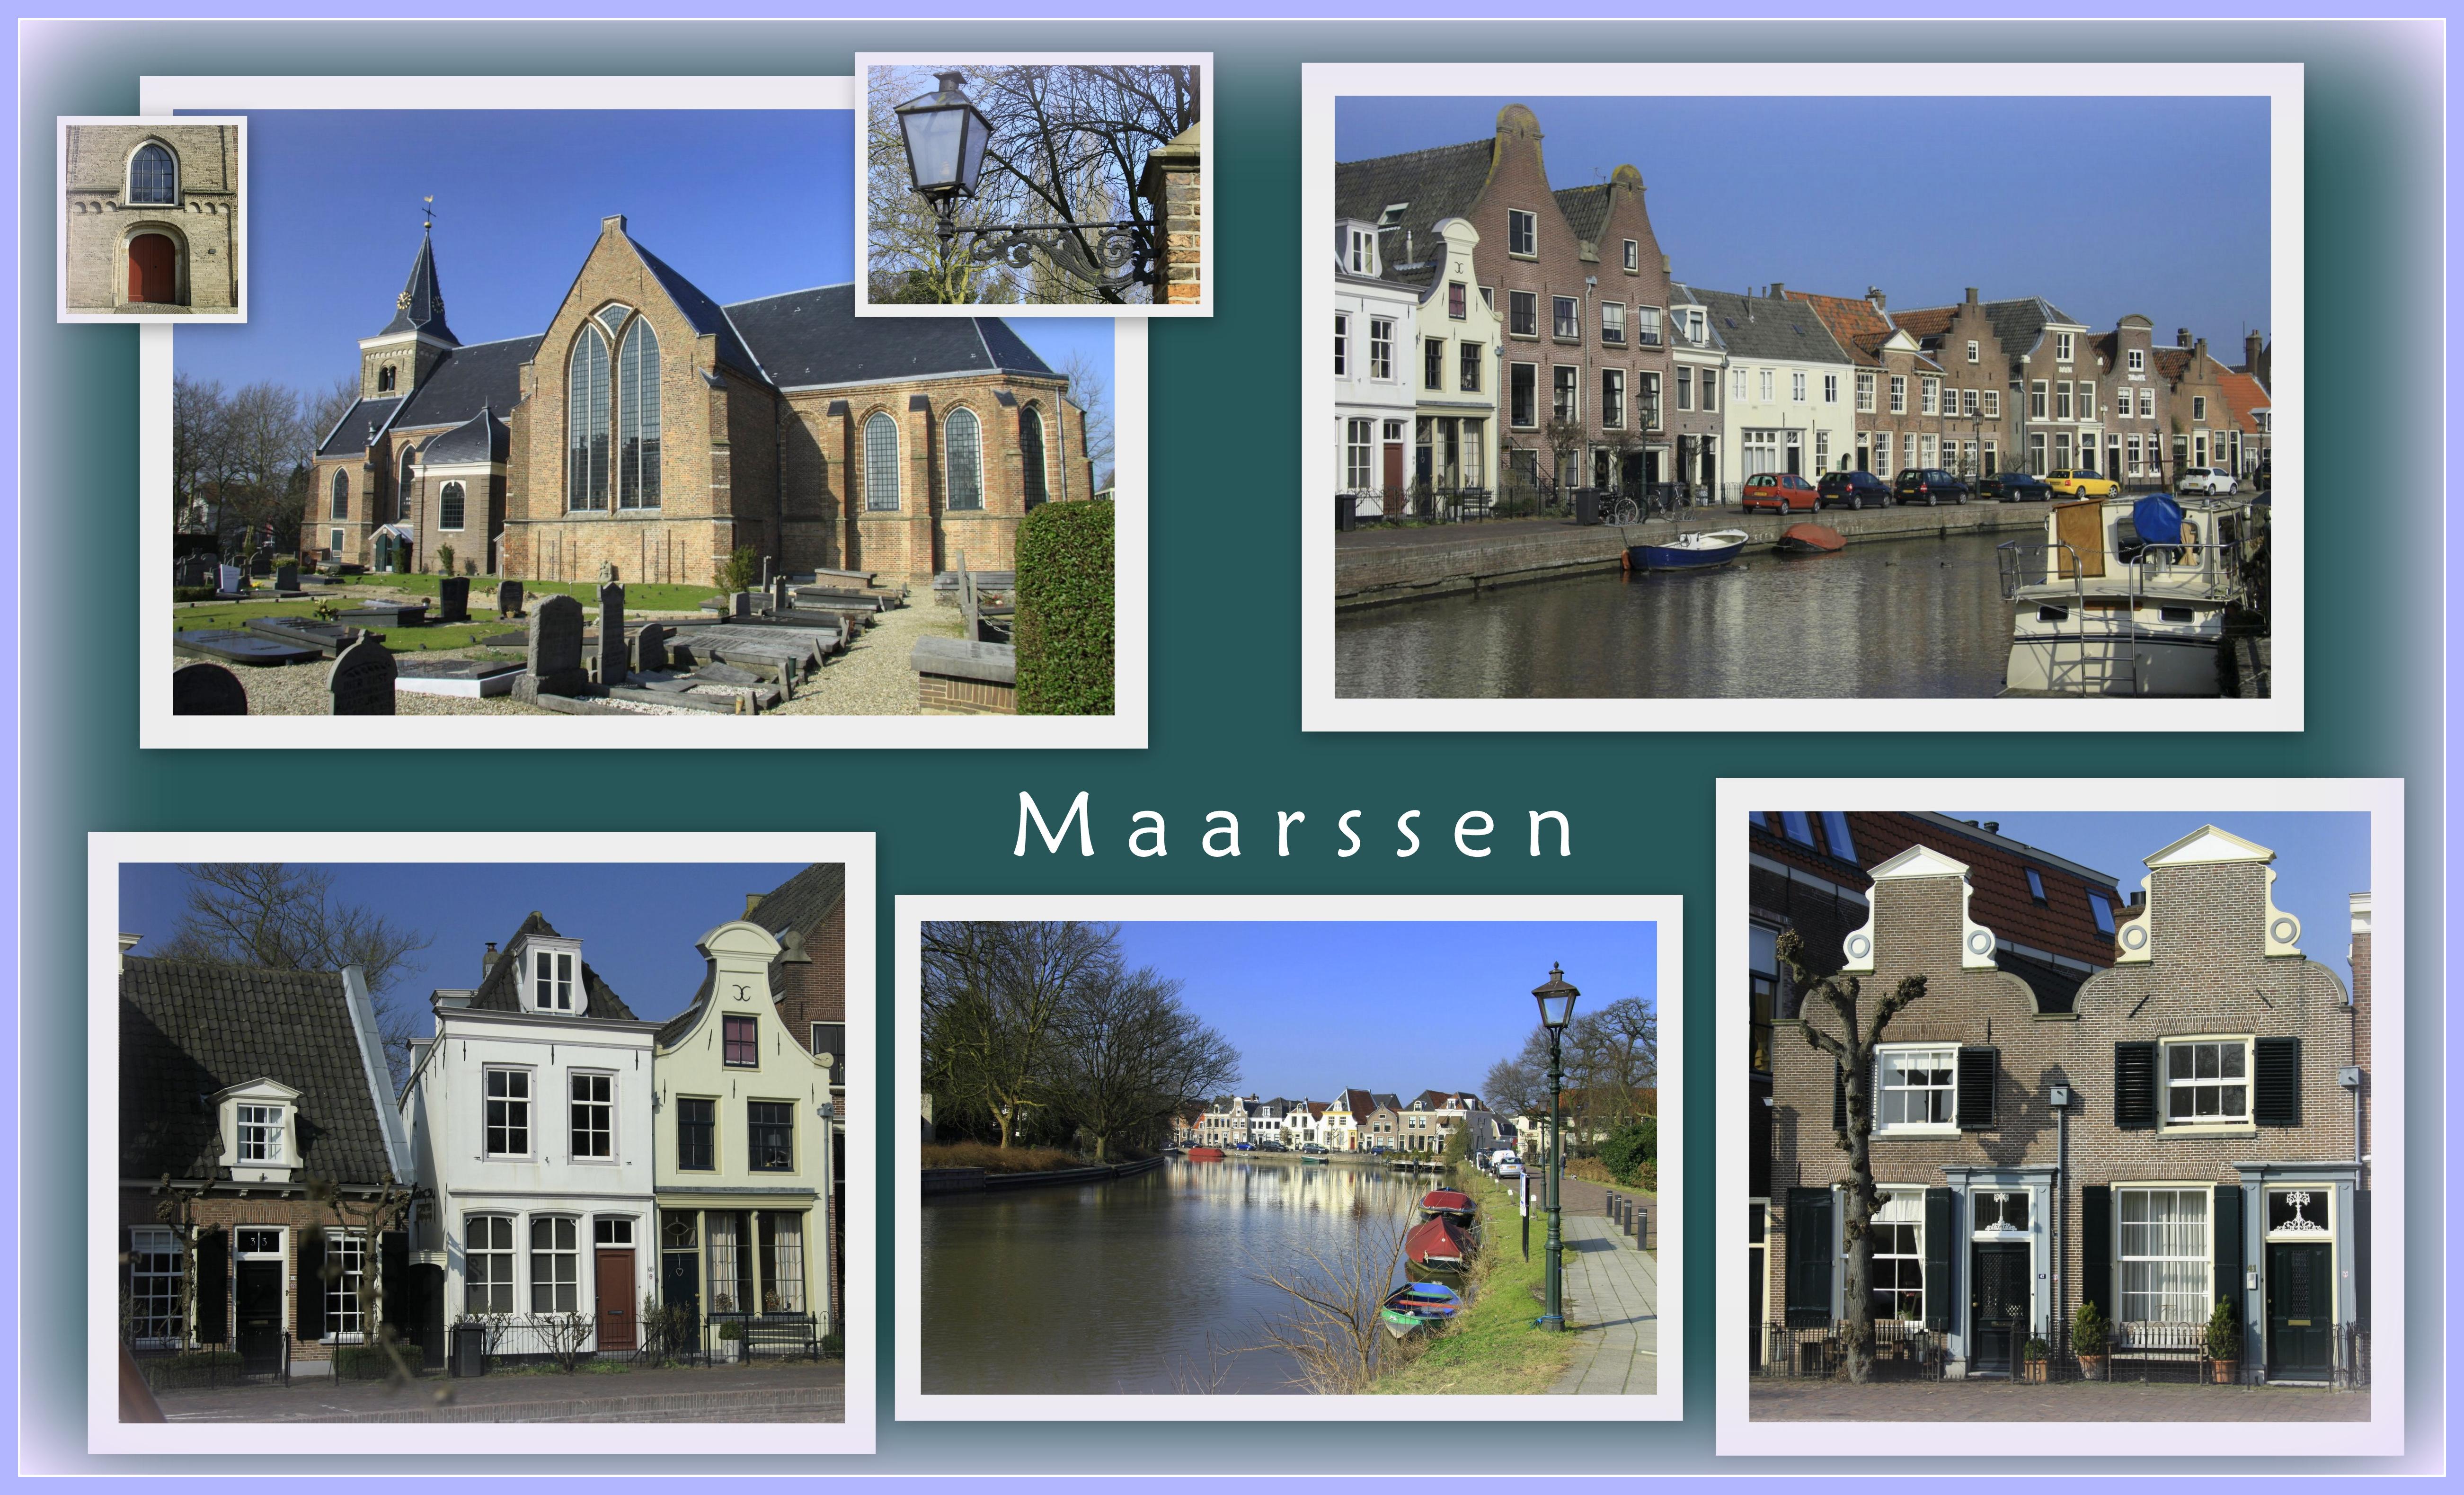 File:Maarssen aan rivier de Vecht in de Provincie Utrecht.jpg